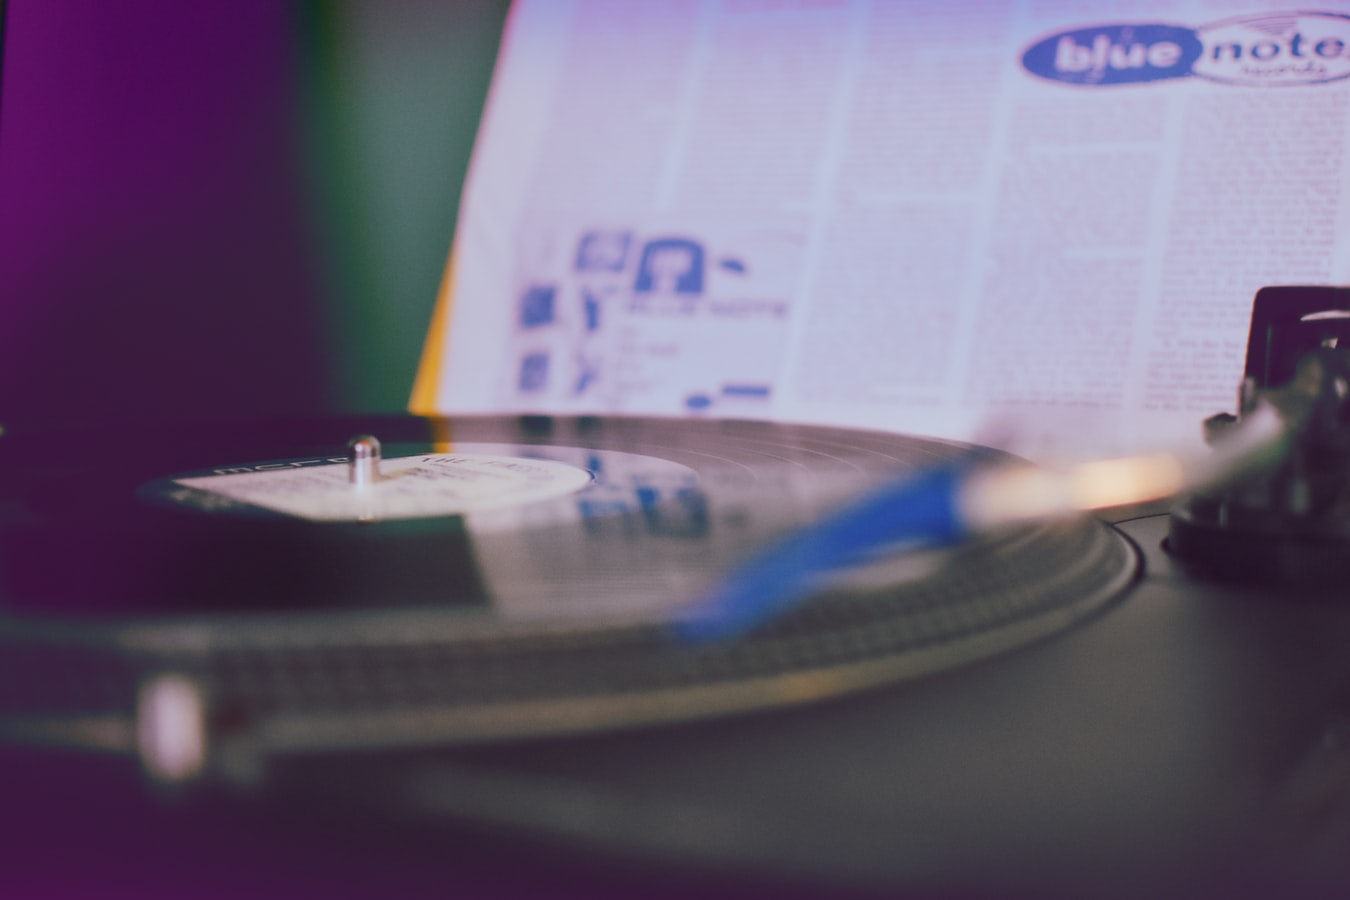 ジャズ_レコード買取_12